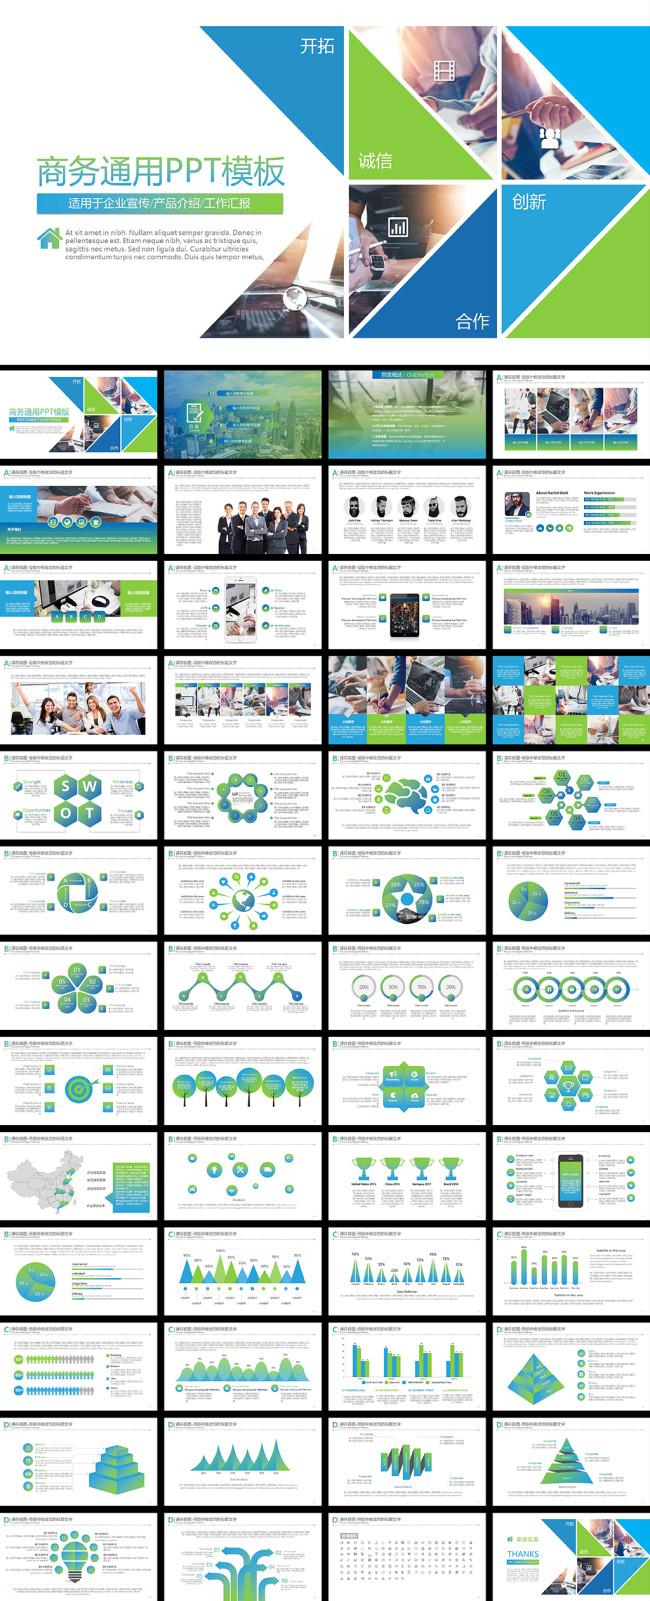 工作汇报企业宣传商务通用ppt 互联网PPT模板下载